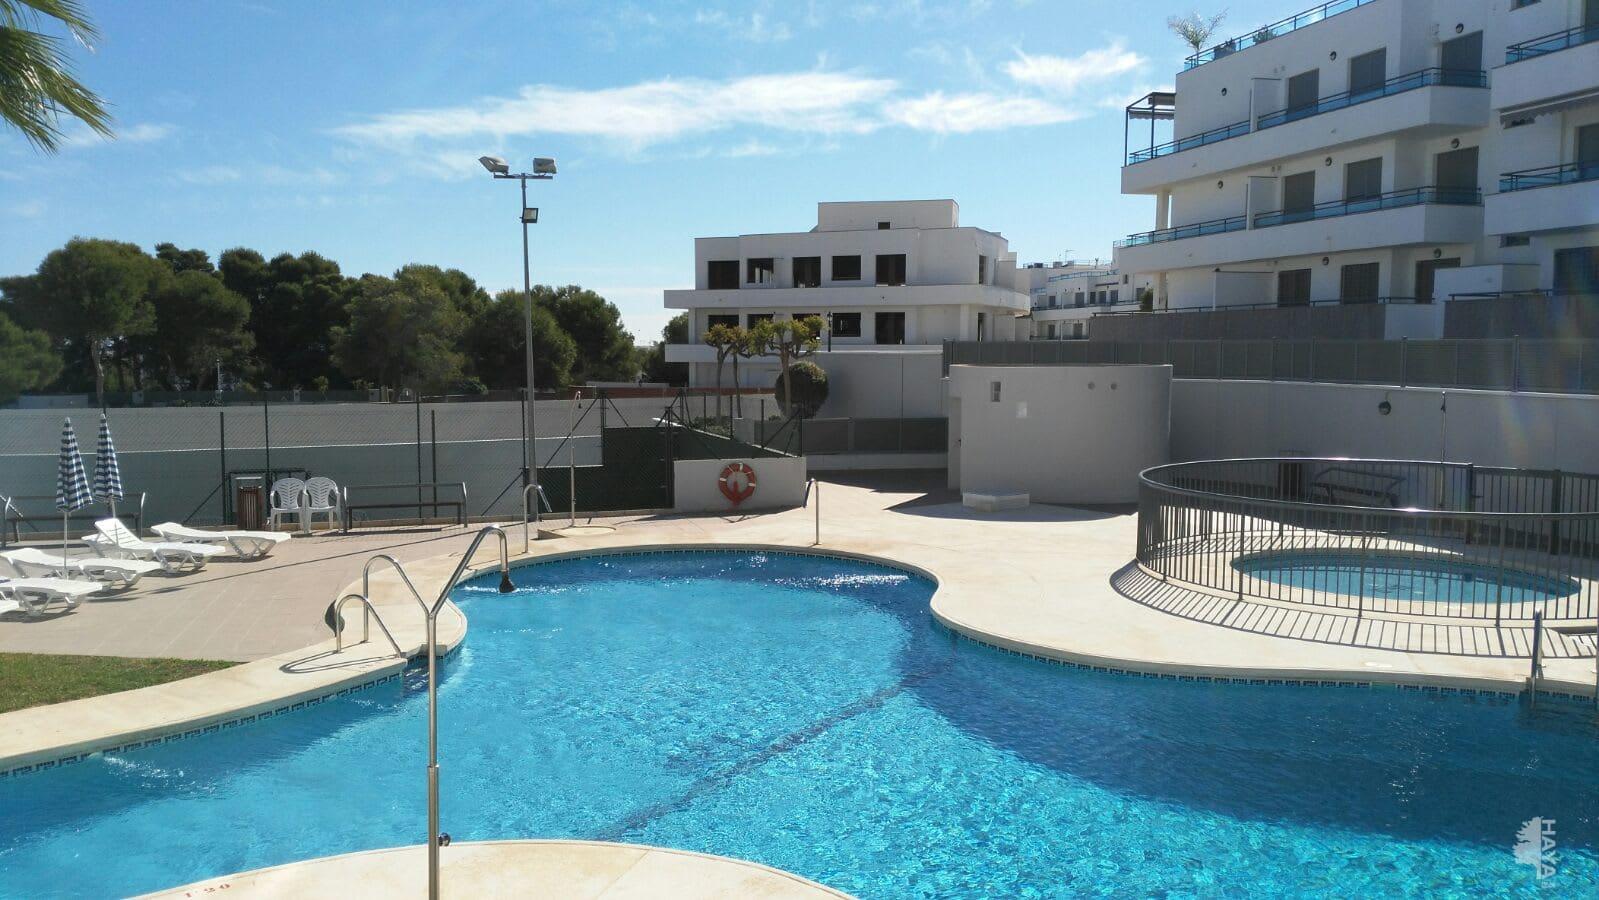 Piso en venta en Garrucha, Garrucha, Almería, Calle Murillo, 101.300 €, 2 habitaciones, 2 baños, 79 m2